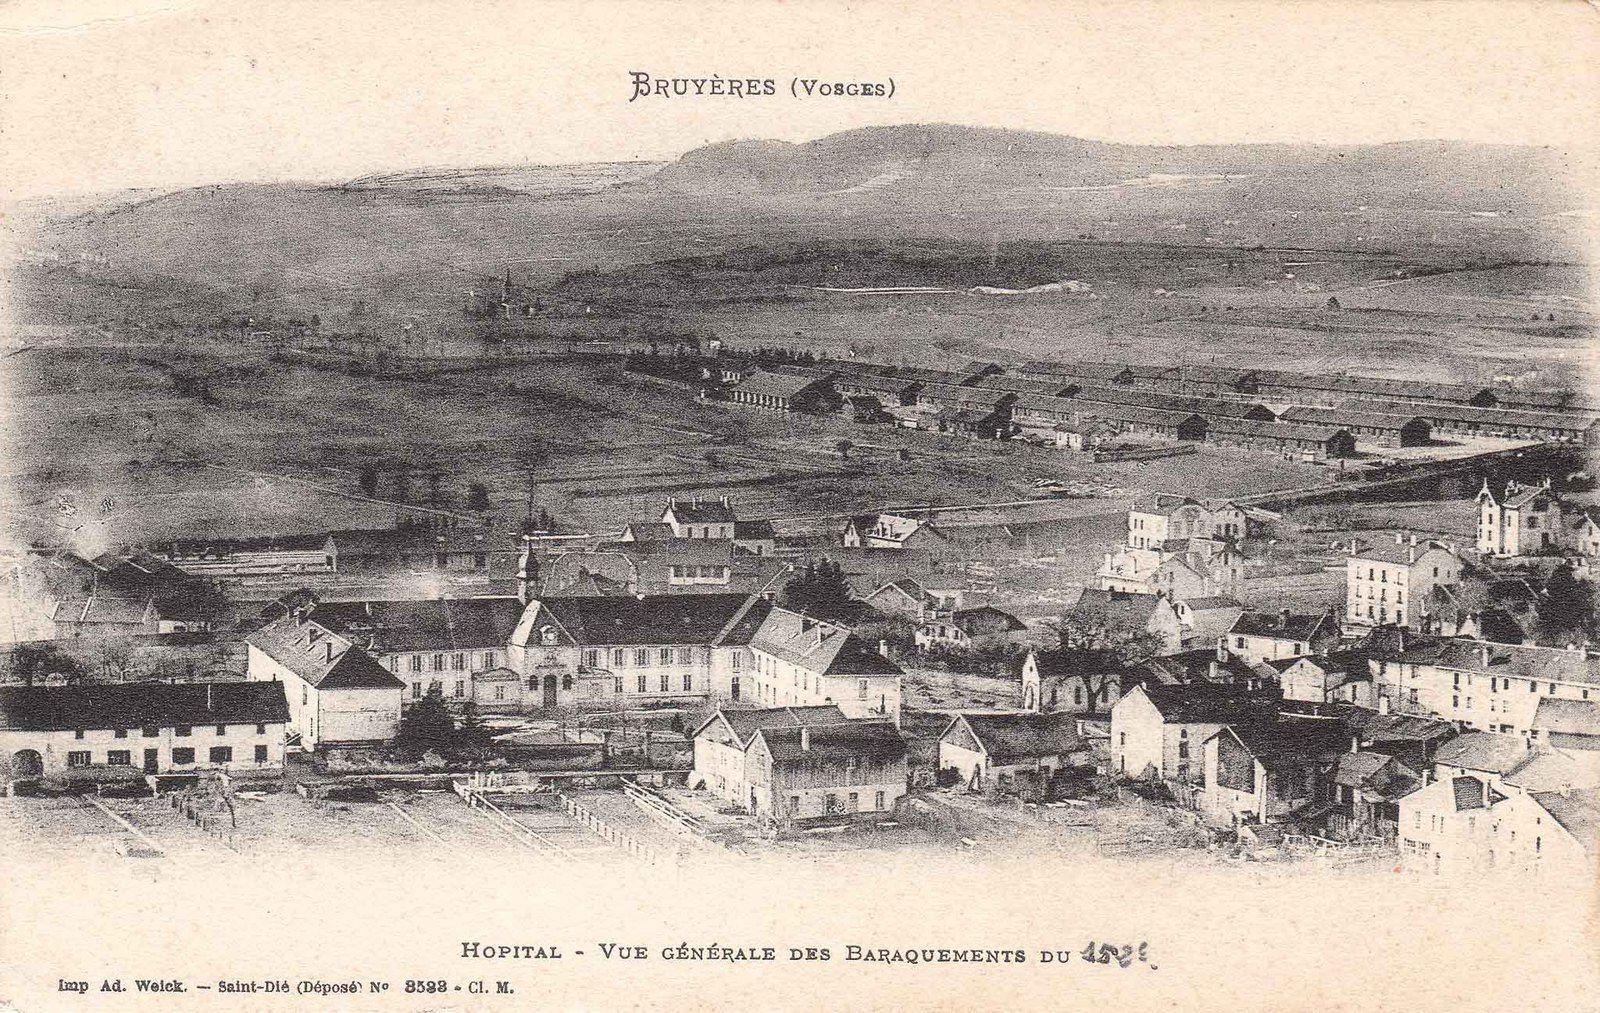 BRUYÈRES-VOSGES : l'évolution de l'Hôpital et de la Maison de retraite au fil du temps